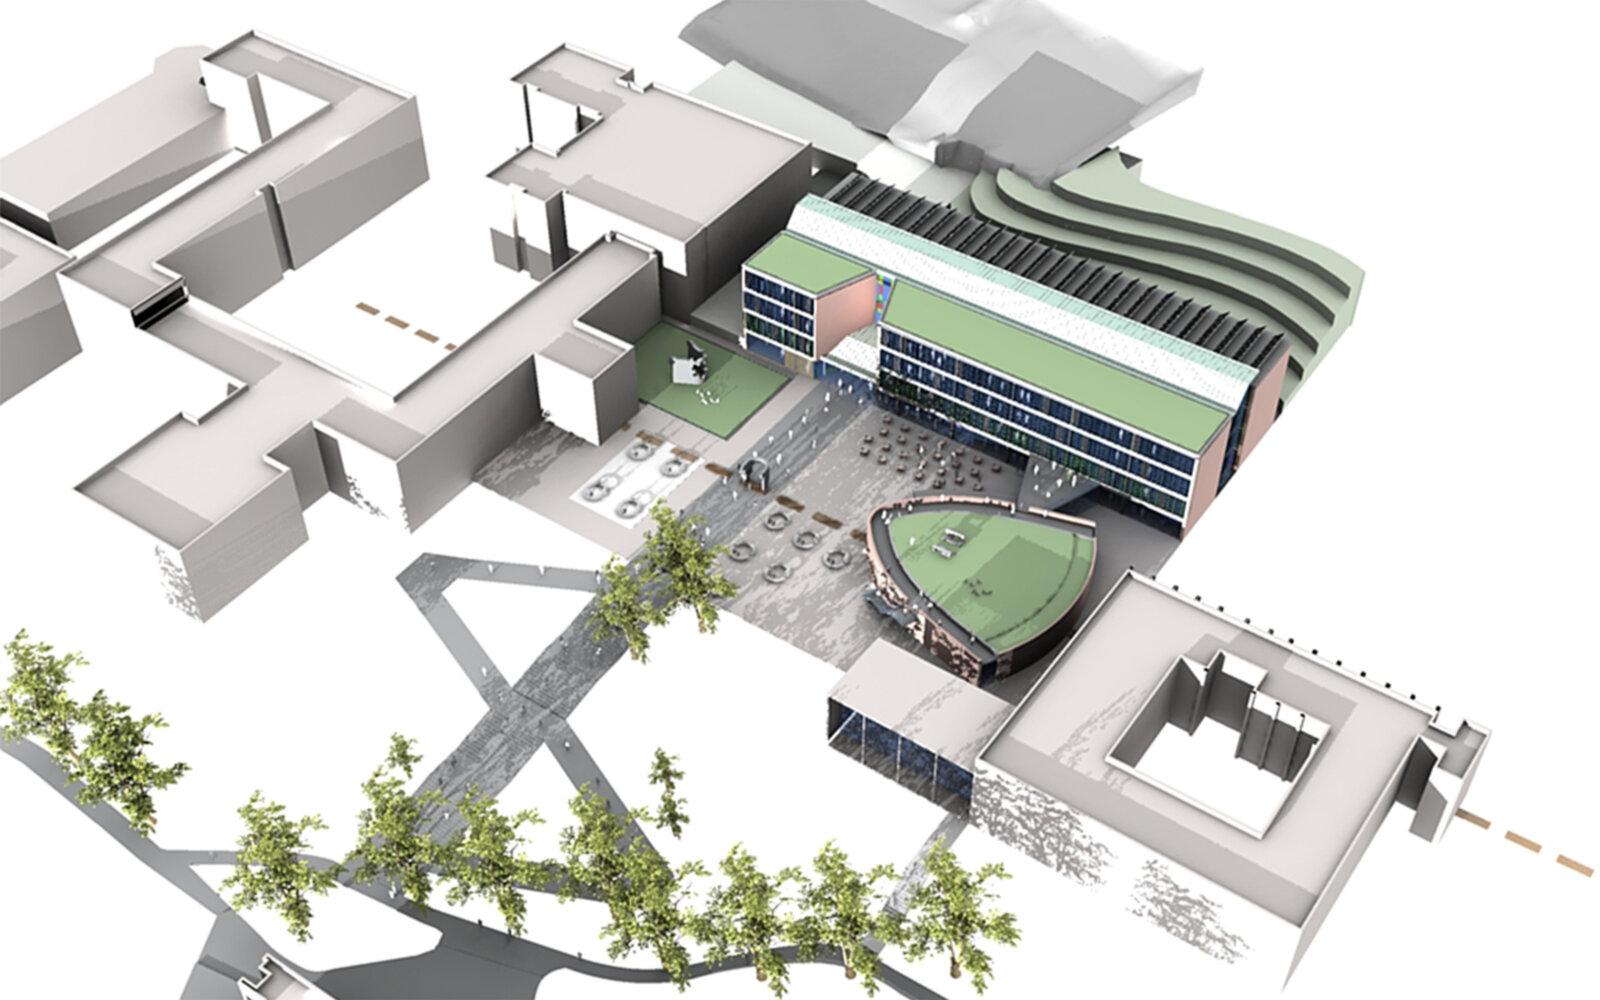 University of Sussex 3D CGI model